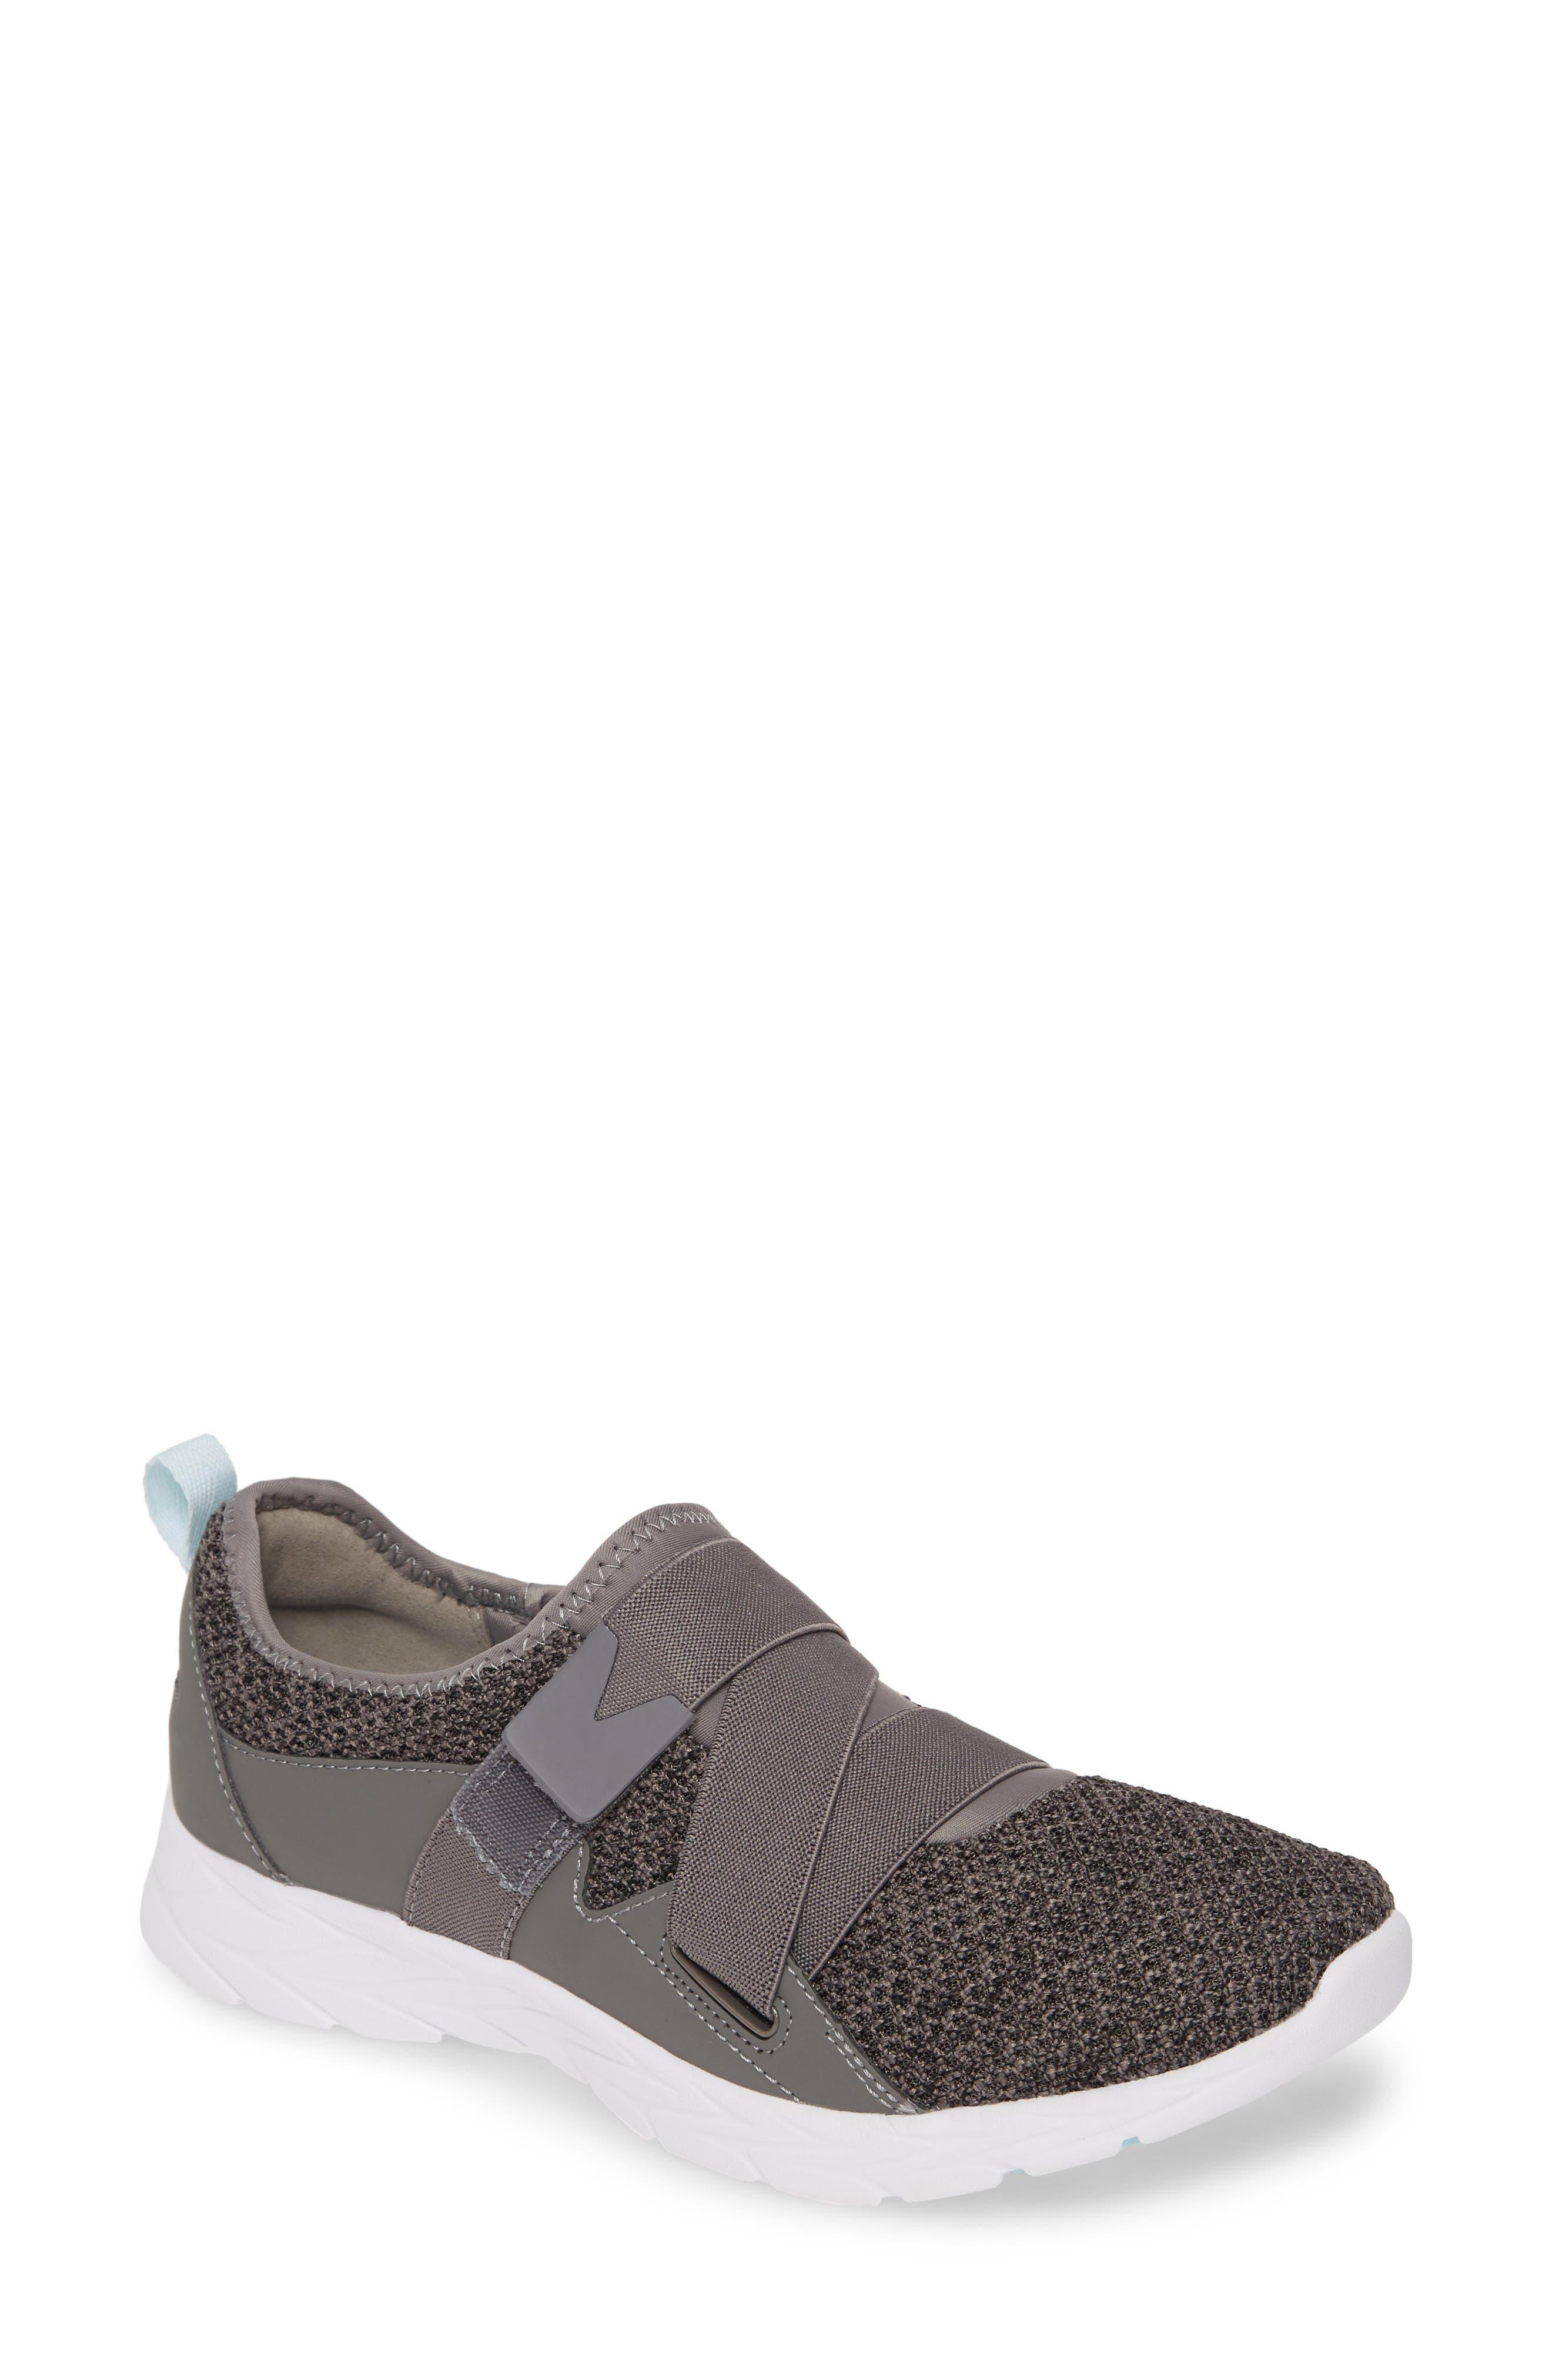 Vionic Aimmy Sneaker, Grey